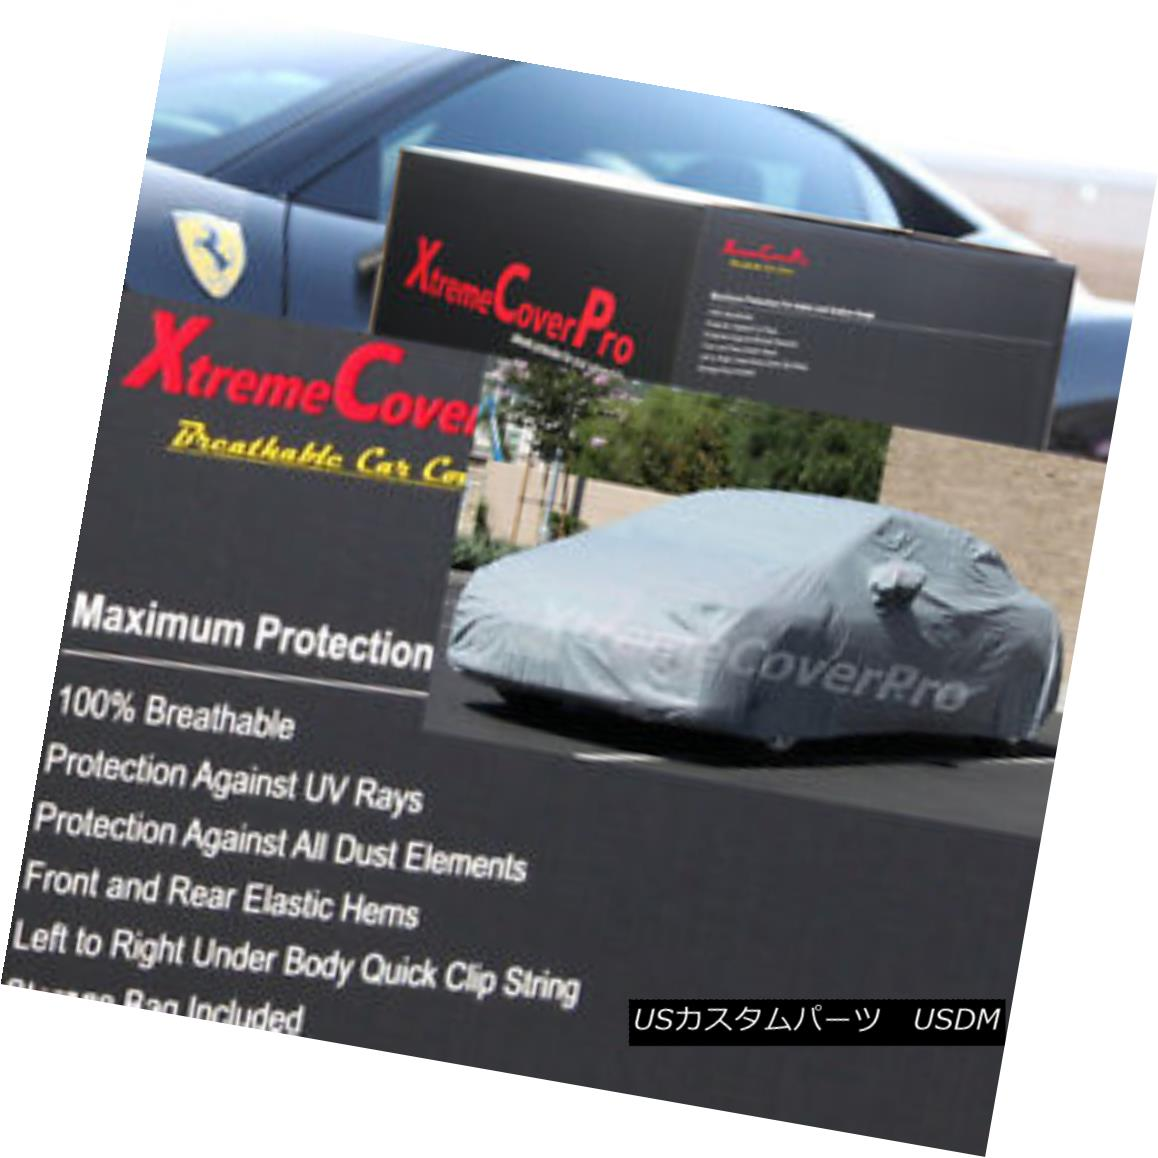 カーカバー 2014 Acura TSX Breathable Car Cover w/ Mirror Pocket 2014アキュラTSX通気性の車カバー、ミラーポケット付き